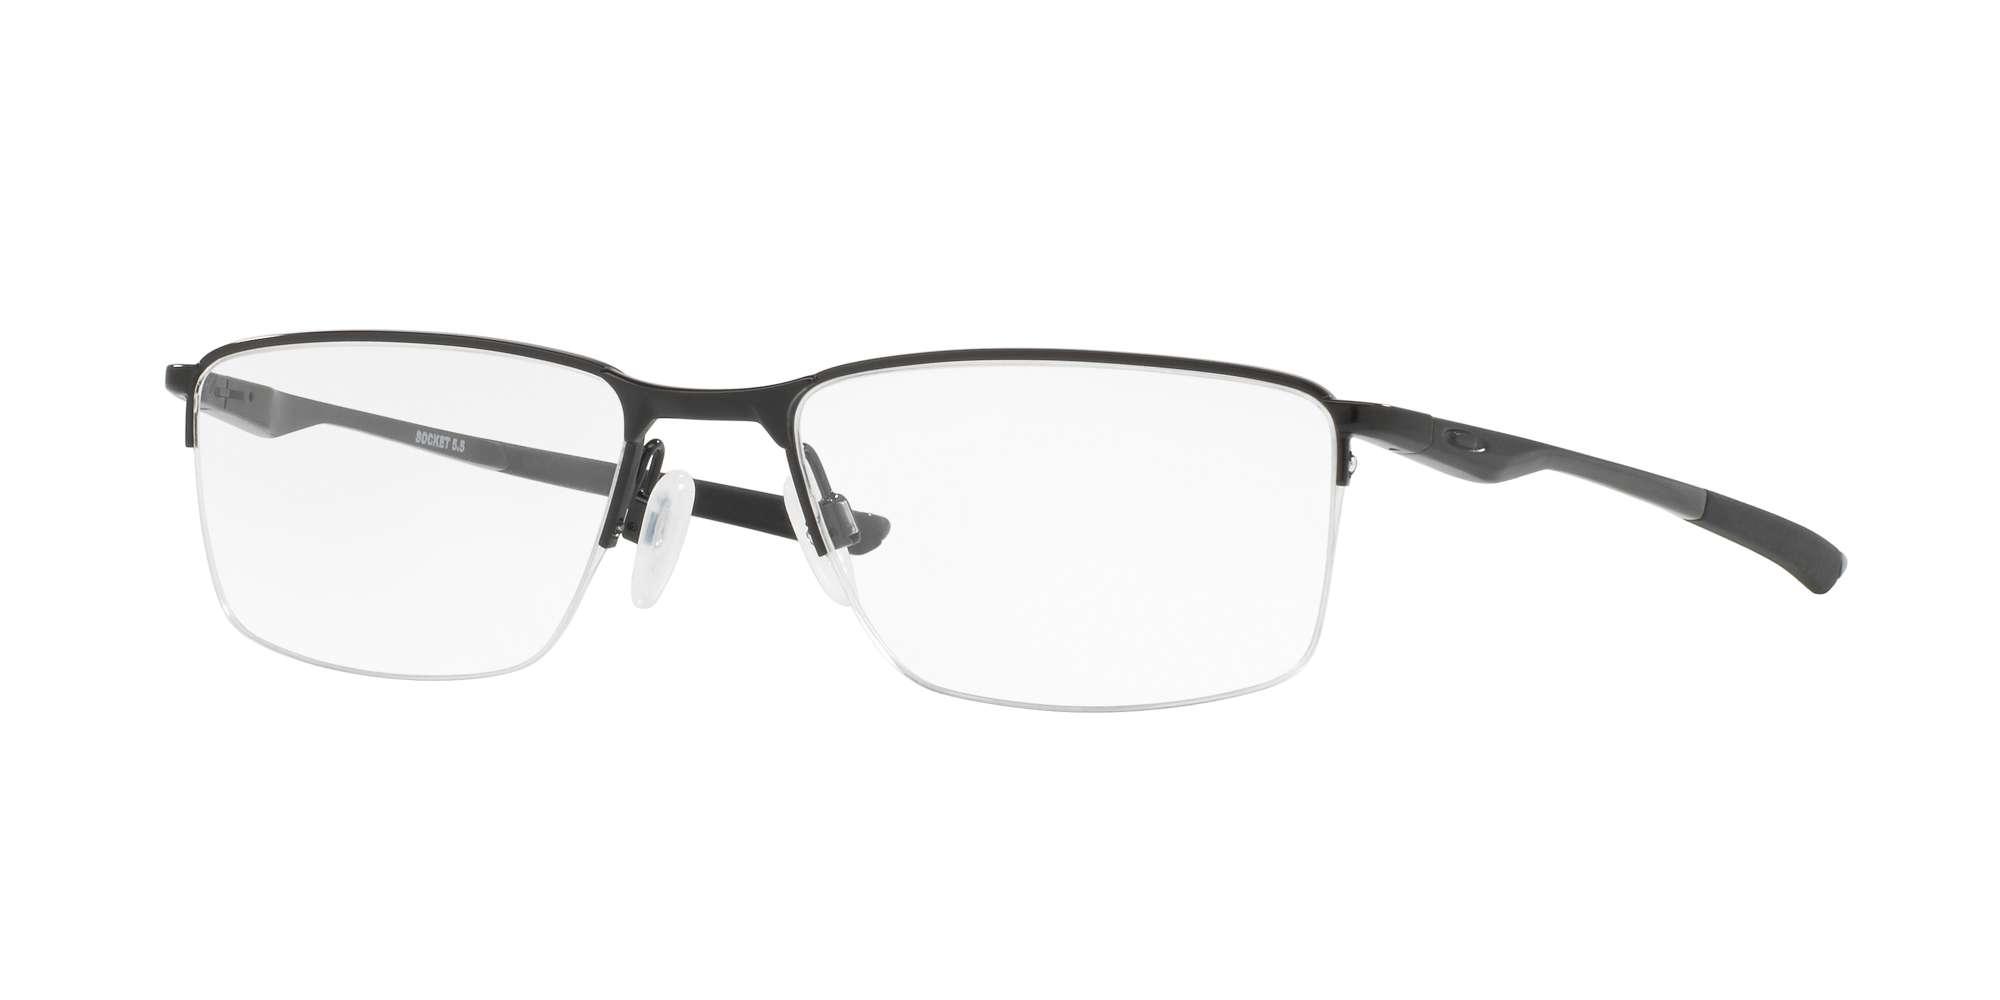 POLISHED BLACK / CLEAR lenses